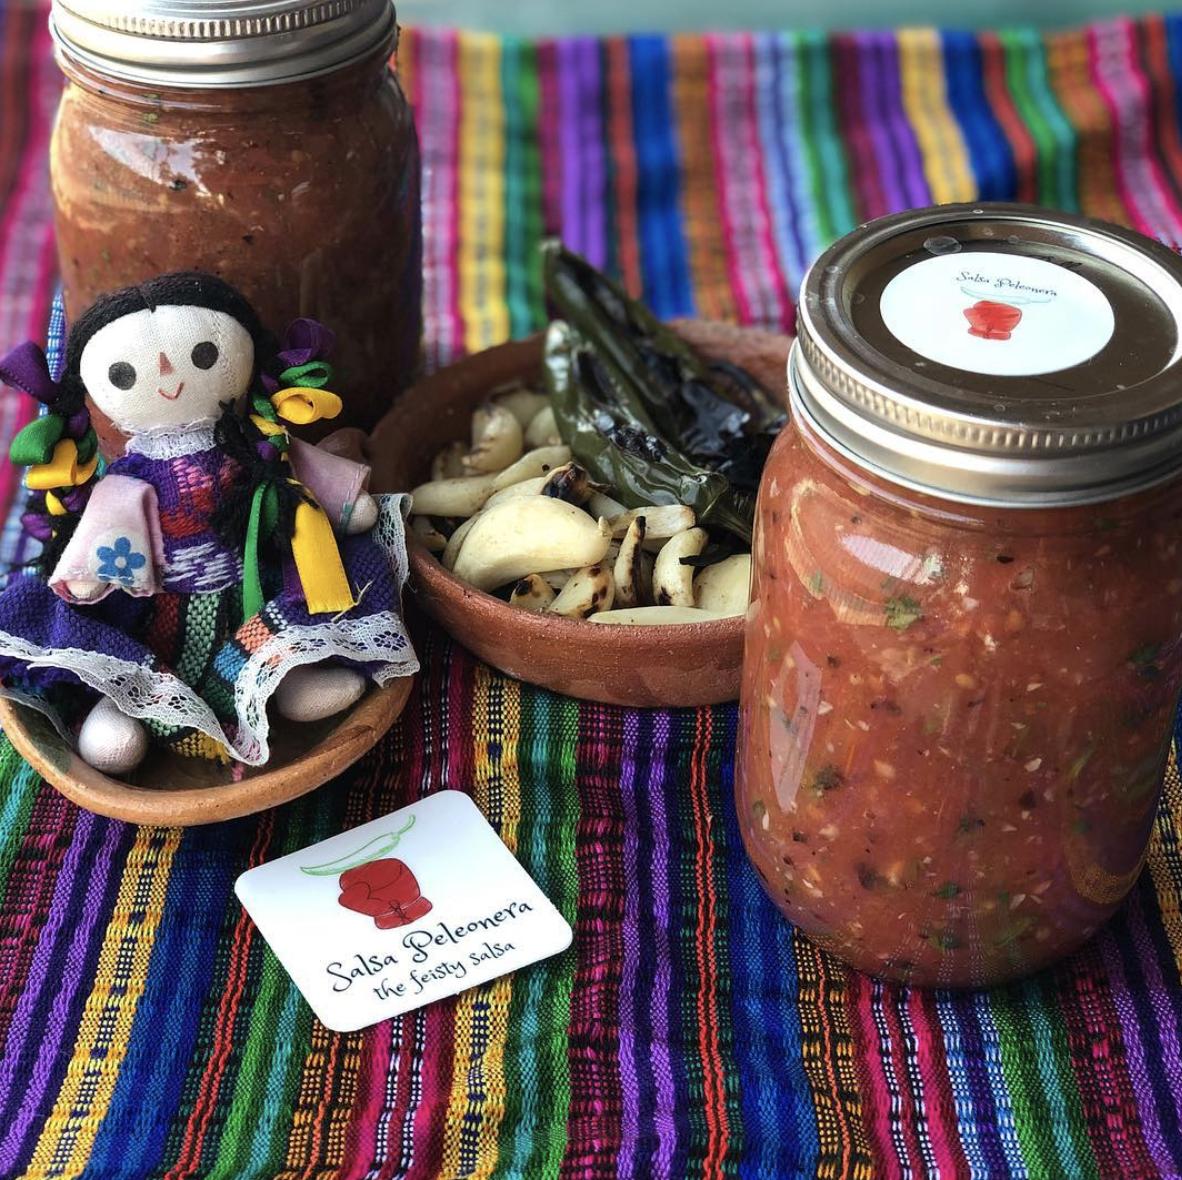 Salsa Peleonera  salsa